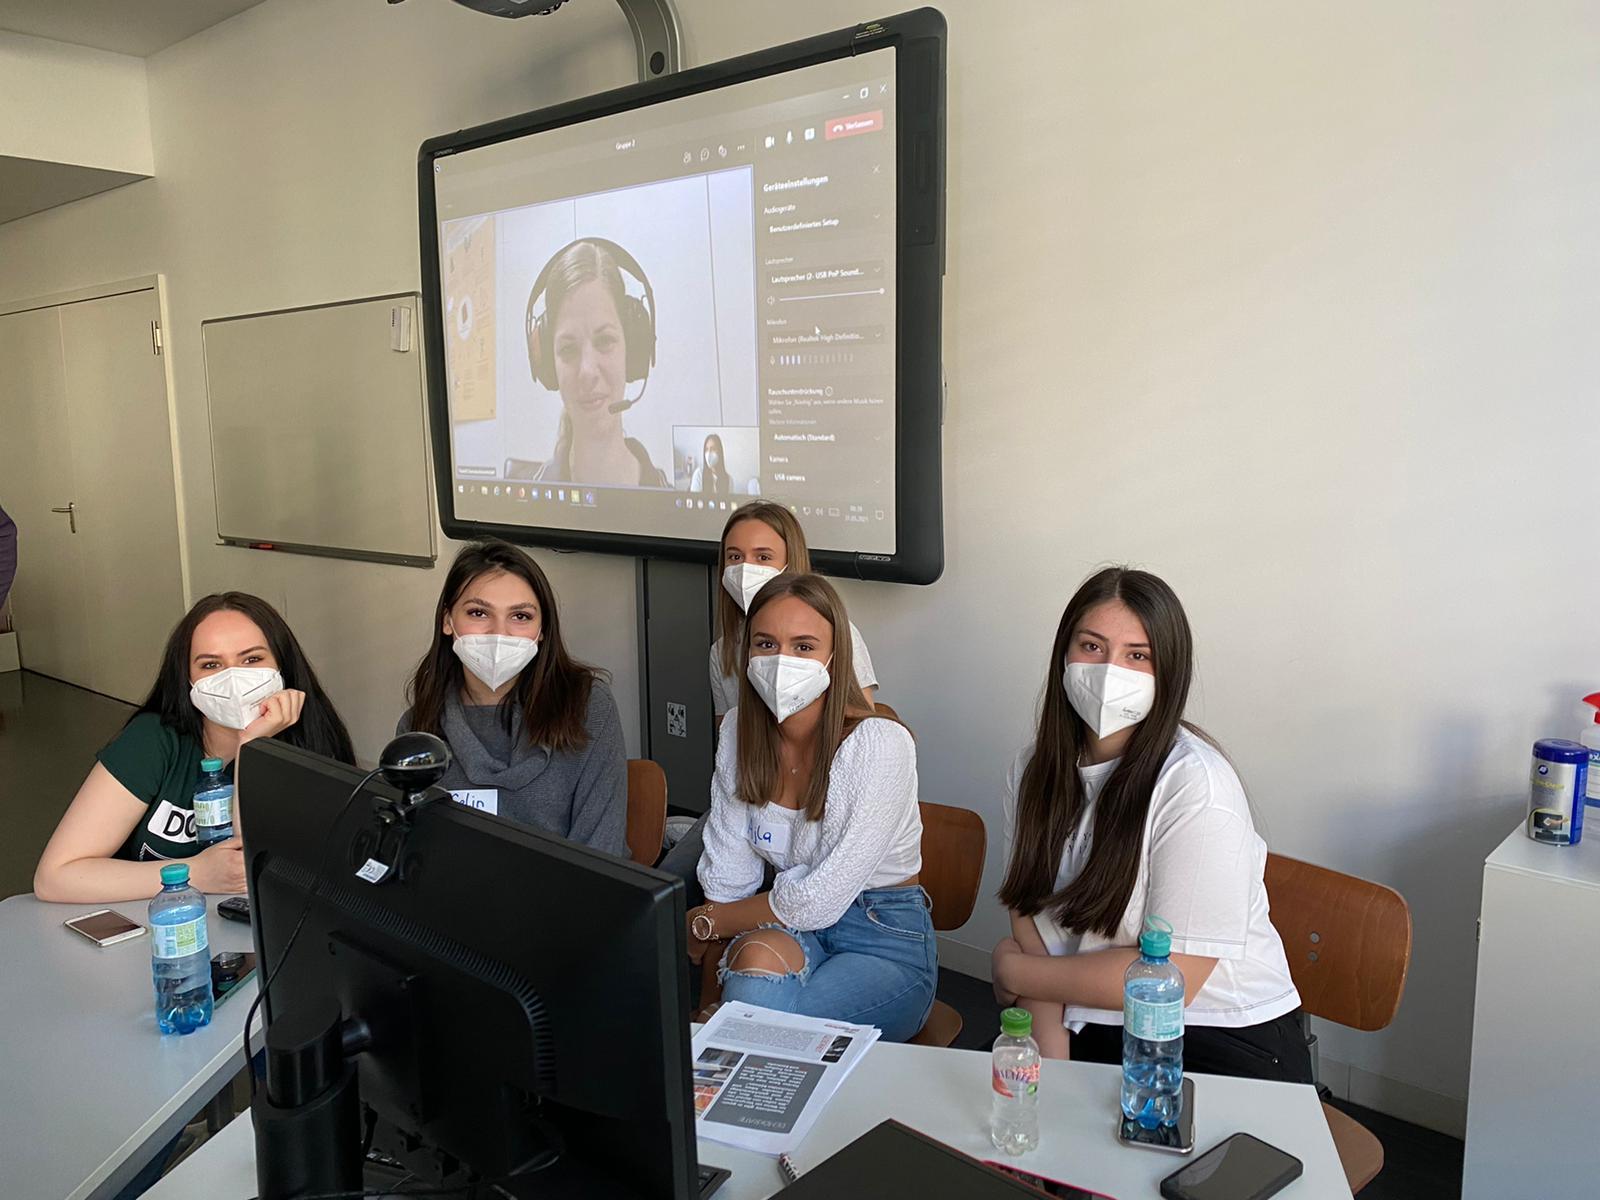 Fünf Lehrlinge sitzen an einem Tisch mit Computer, im Hintergrund ist eine Leinwand zu sehen